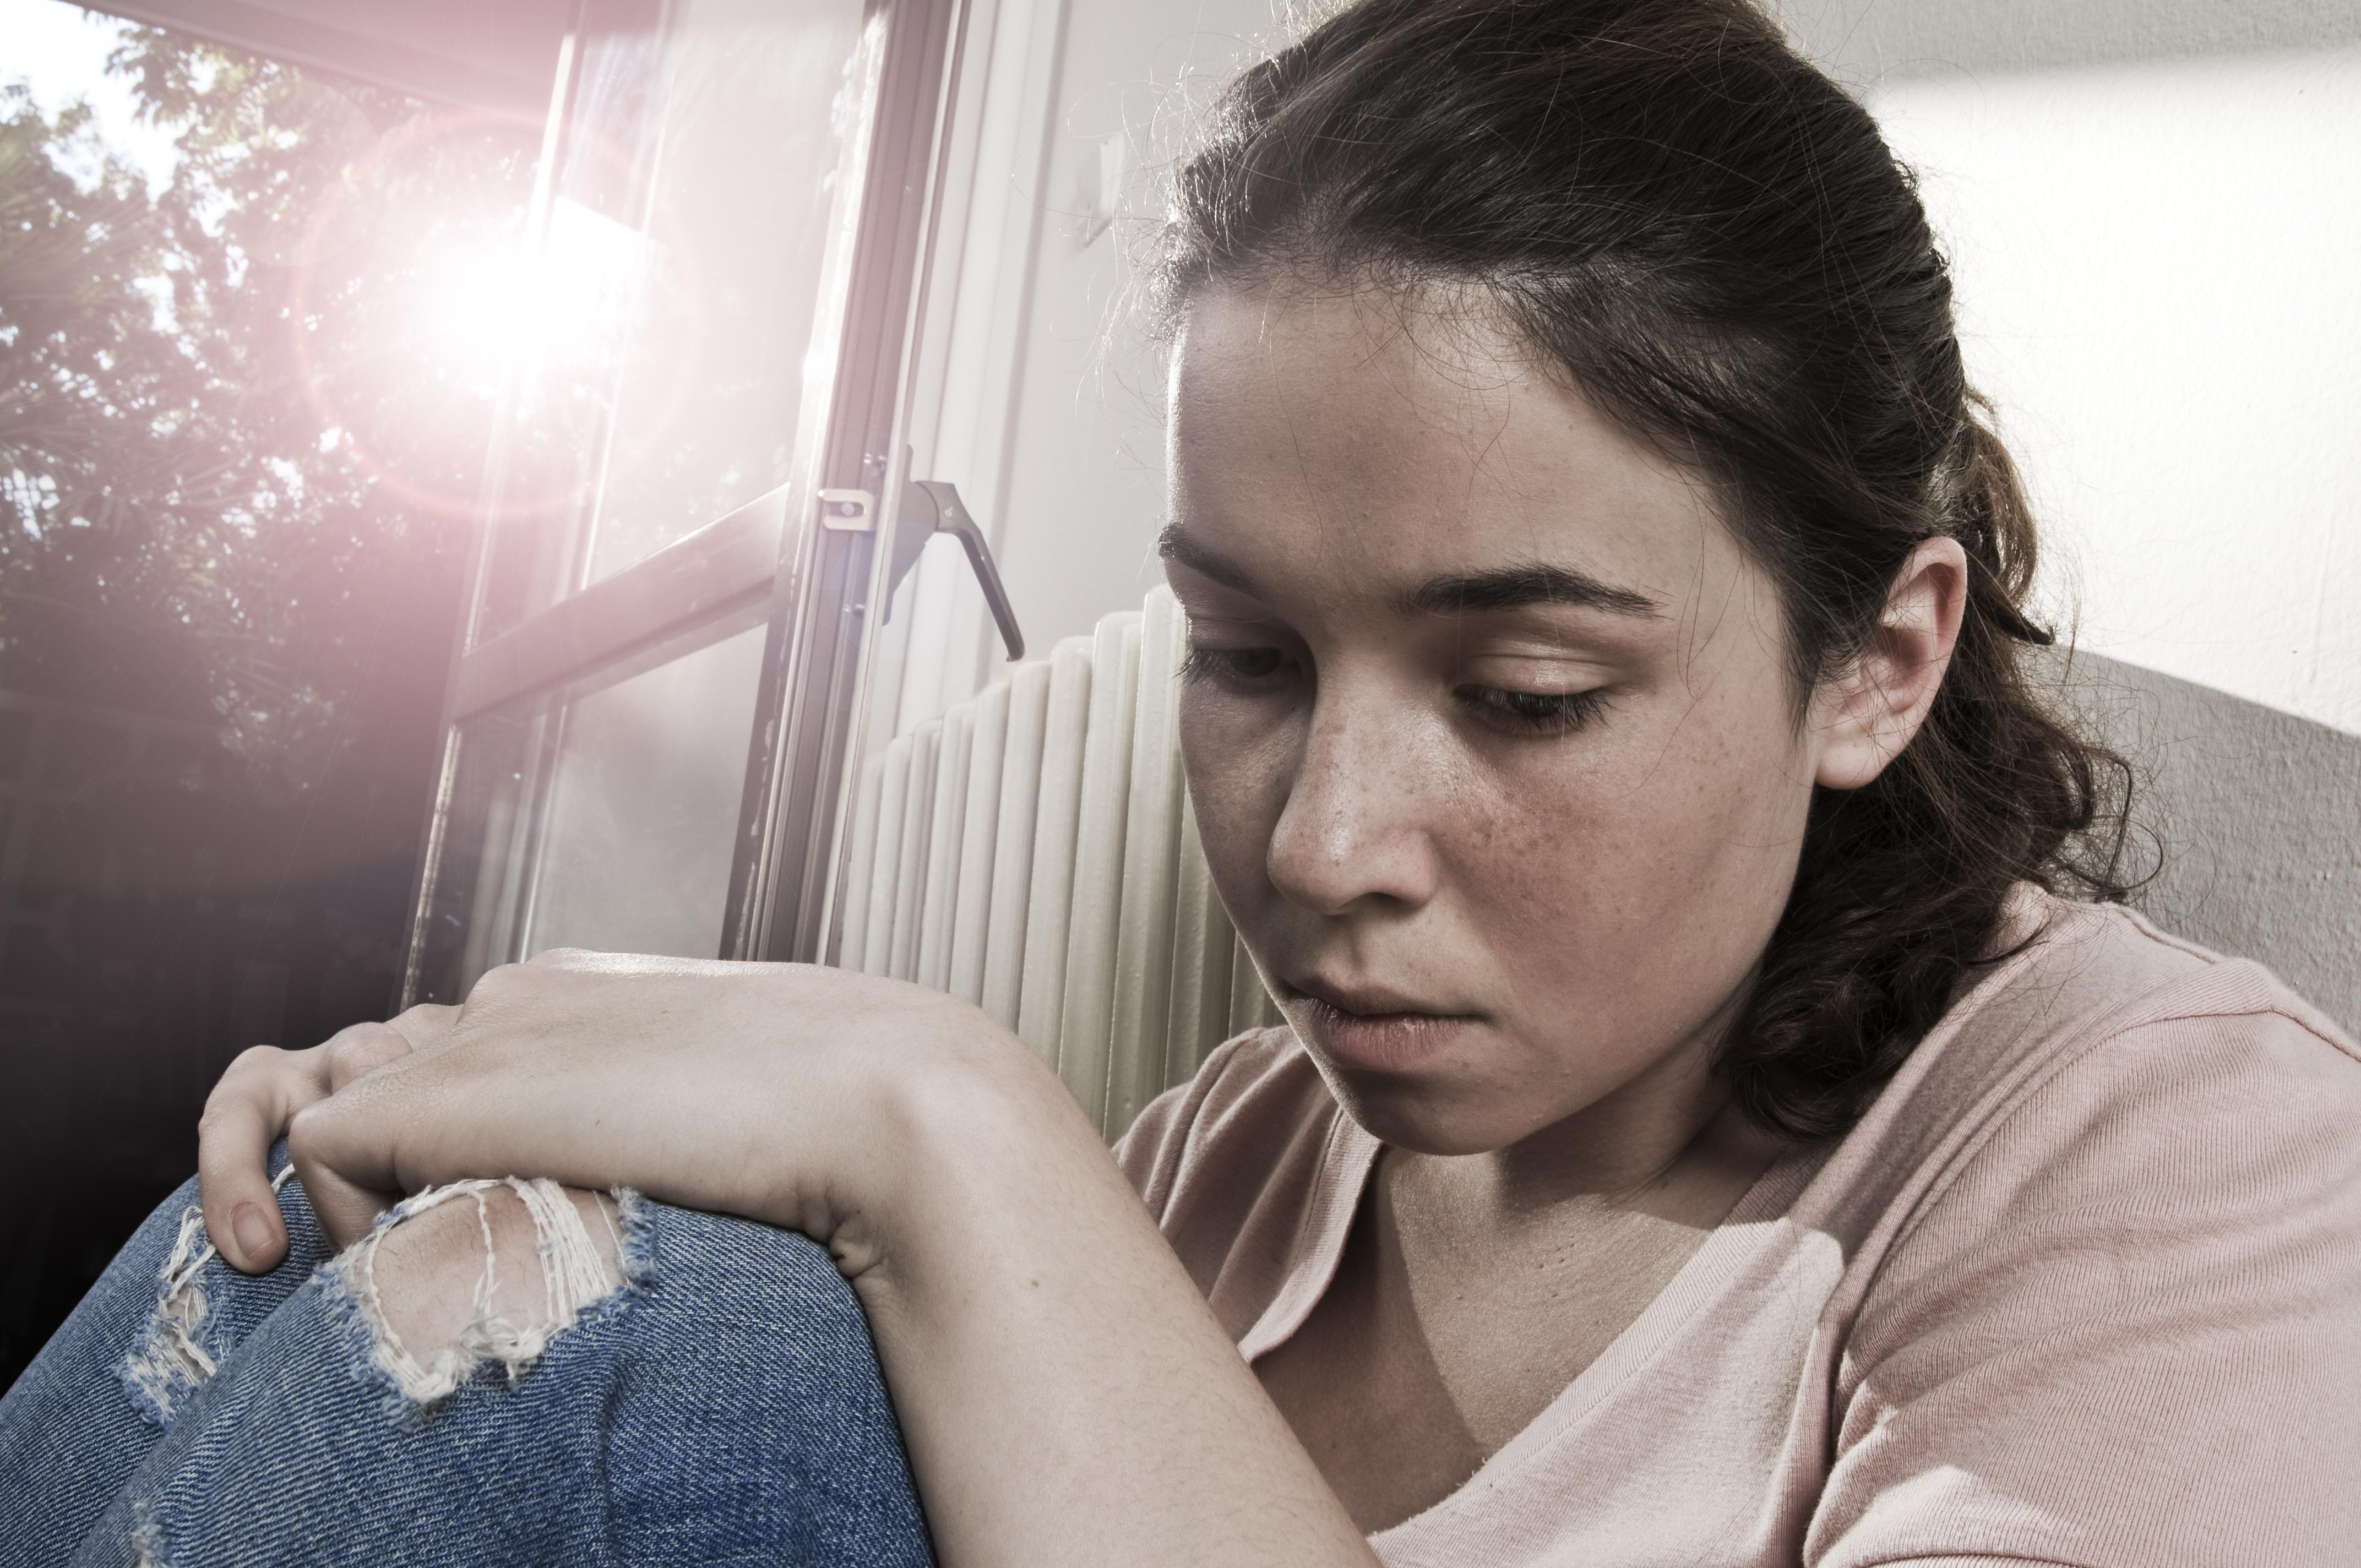 Sad pensive girl_iStock_10080491_XLARGE